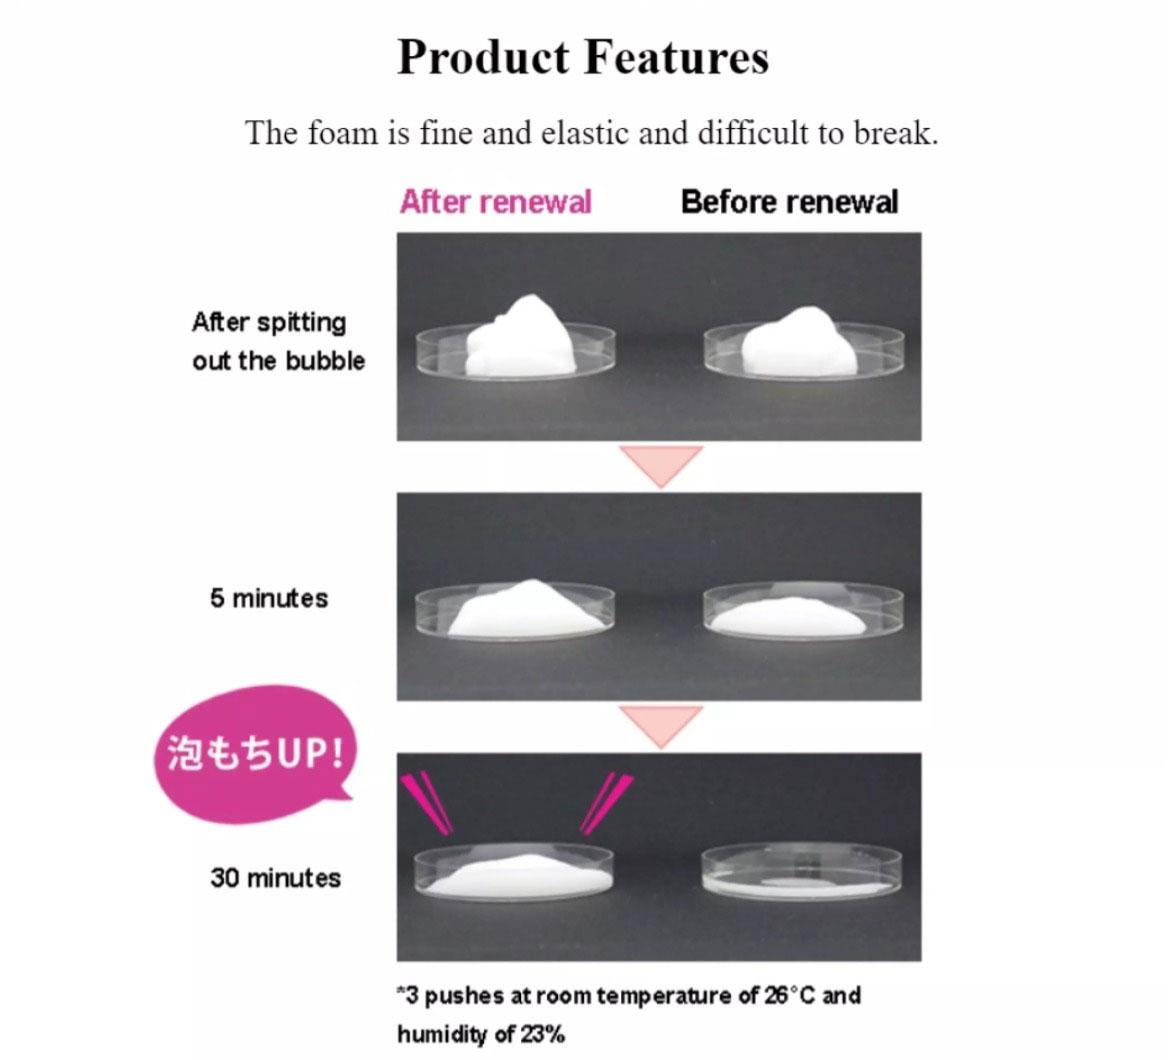 Sữa Rửa Mặt Tẩy Trang Chifure Foaming Face Wash có khả năng tạo lớp bọt mịn đàn hồi êm ái, giúp làm giảm lực ma sát giữa tay và da.